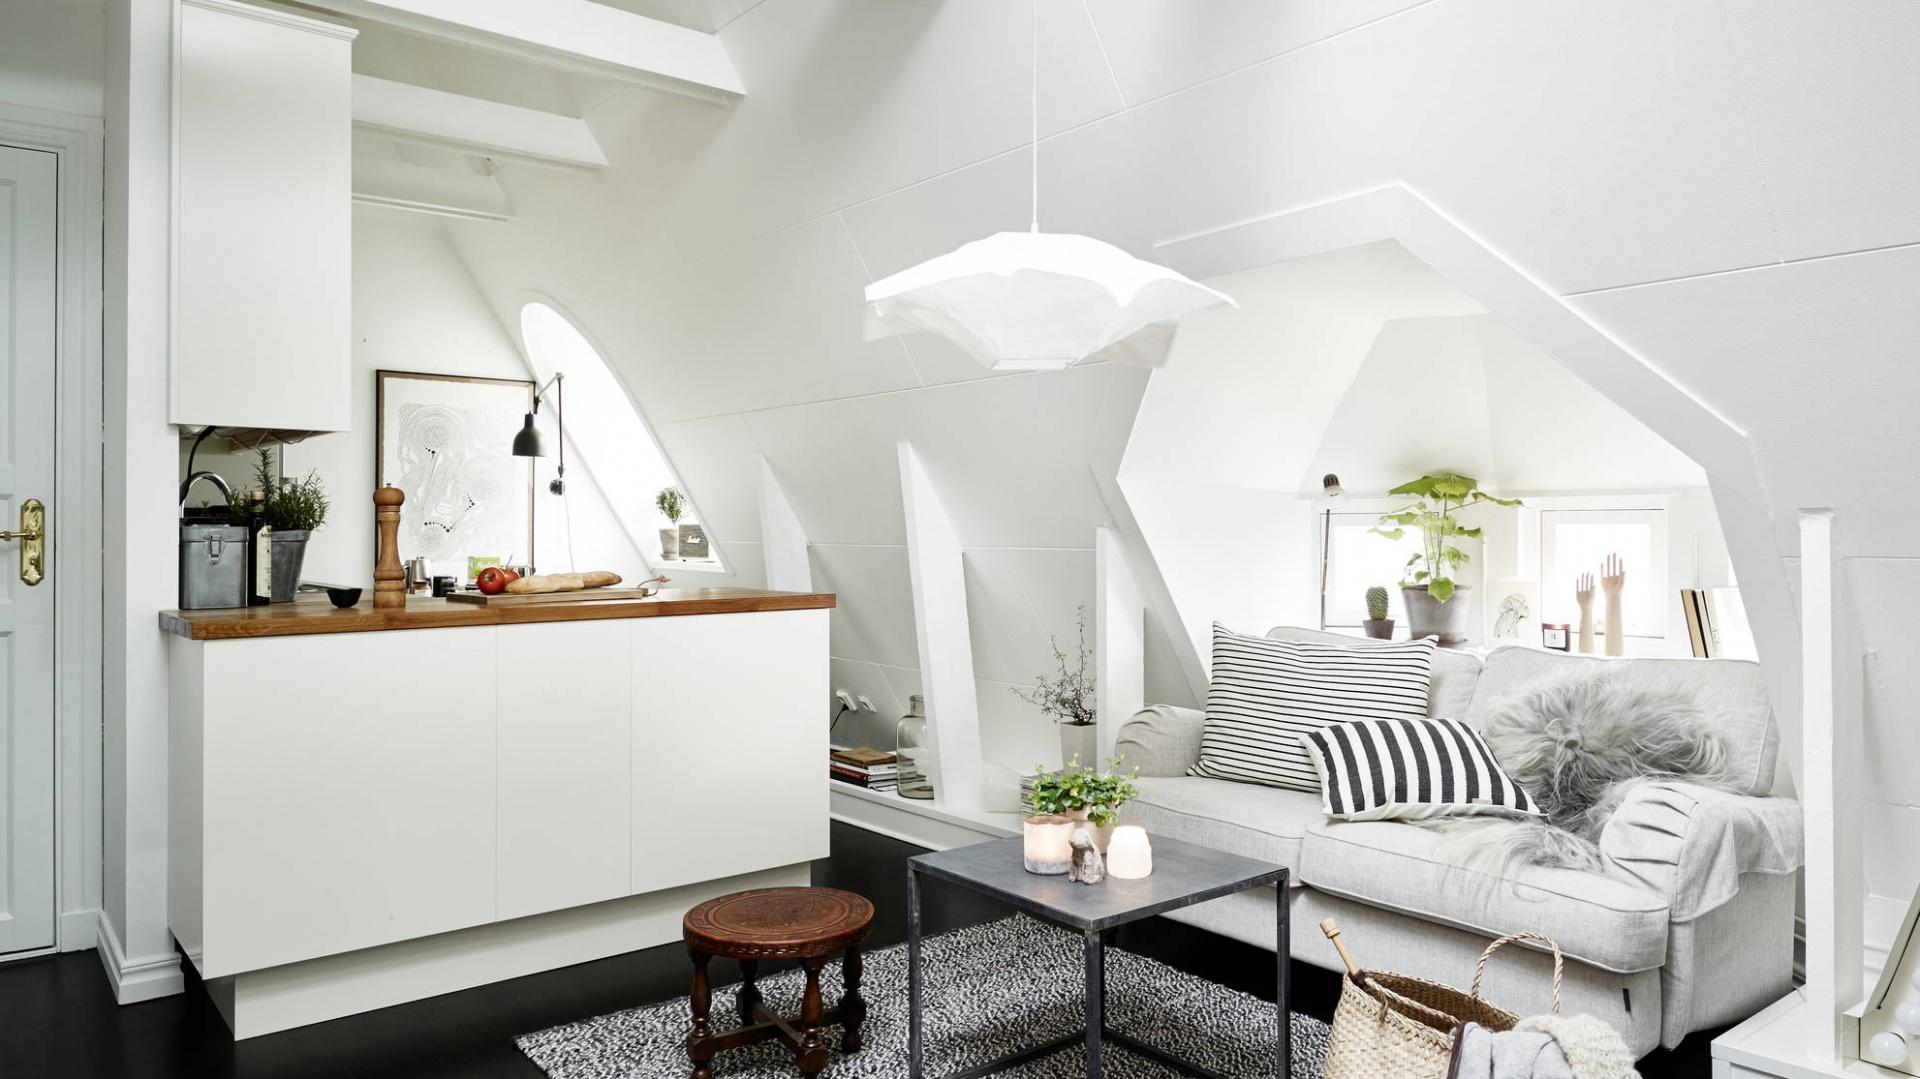 Sofę z przytulnymi, dekoracyjnymi tekstyliami wpasowano we wnękę okienną o oryginalnym kształcie. Przed sofą położono miękki, szary dywan, niewielki stołek oraz elegancki stolik kawowy. Całość tworzy przestrzeń salonu. Fot. Stadshem.